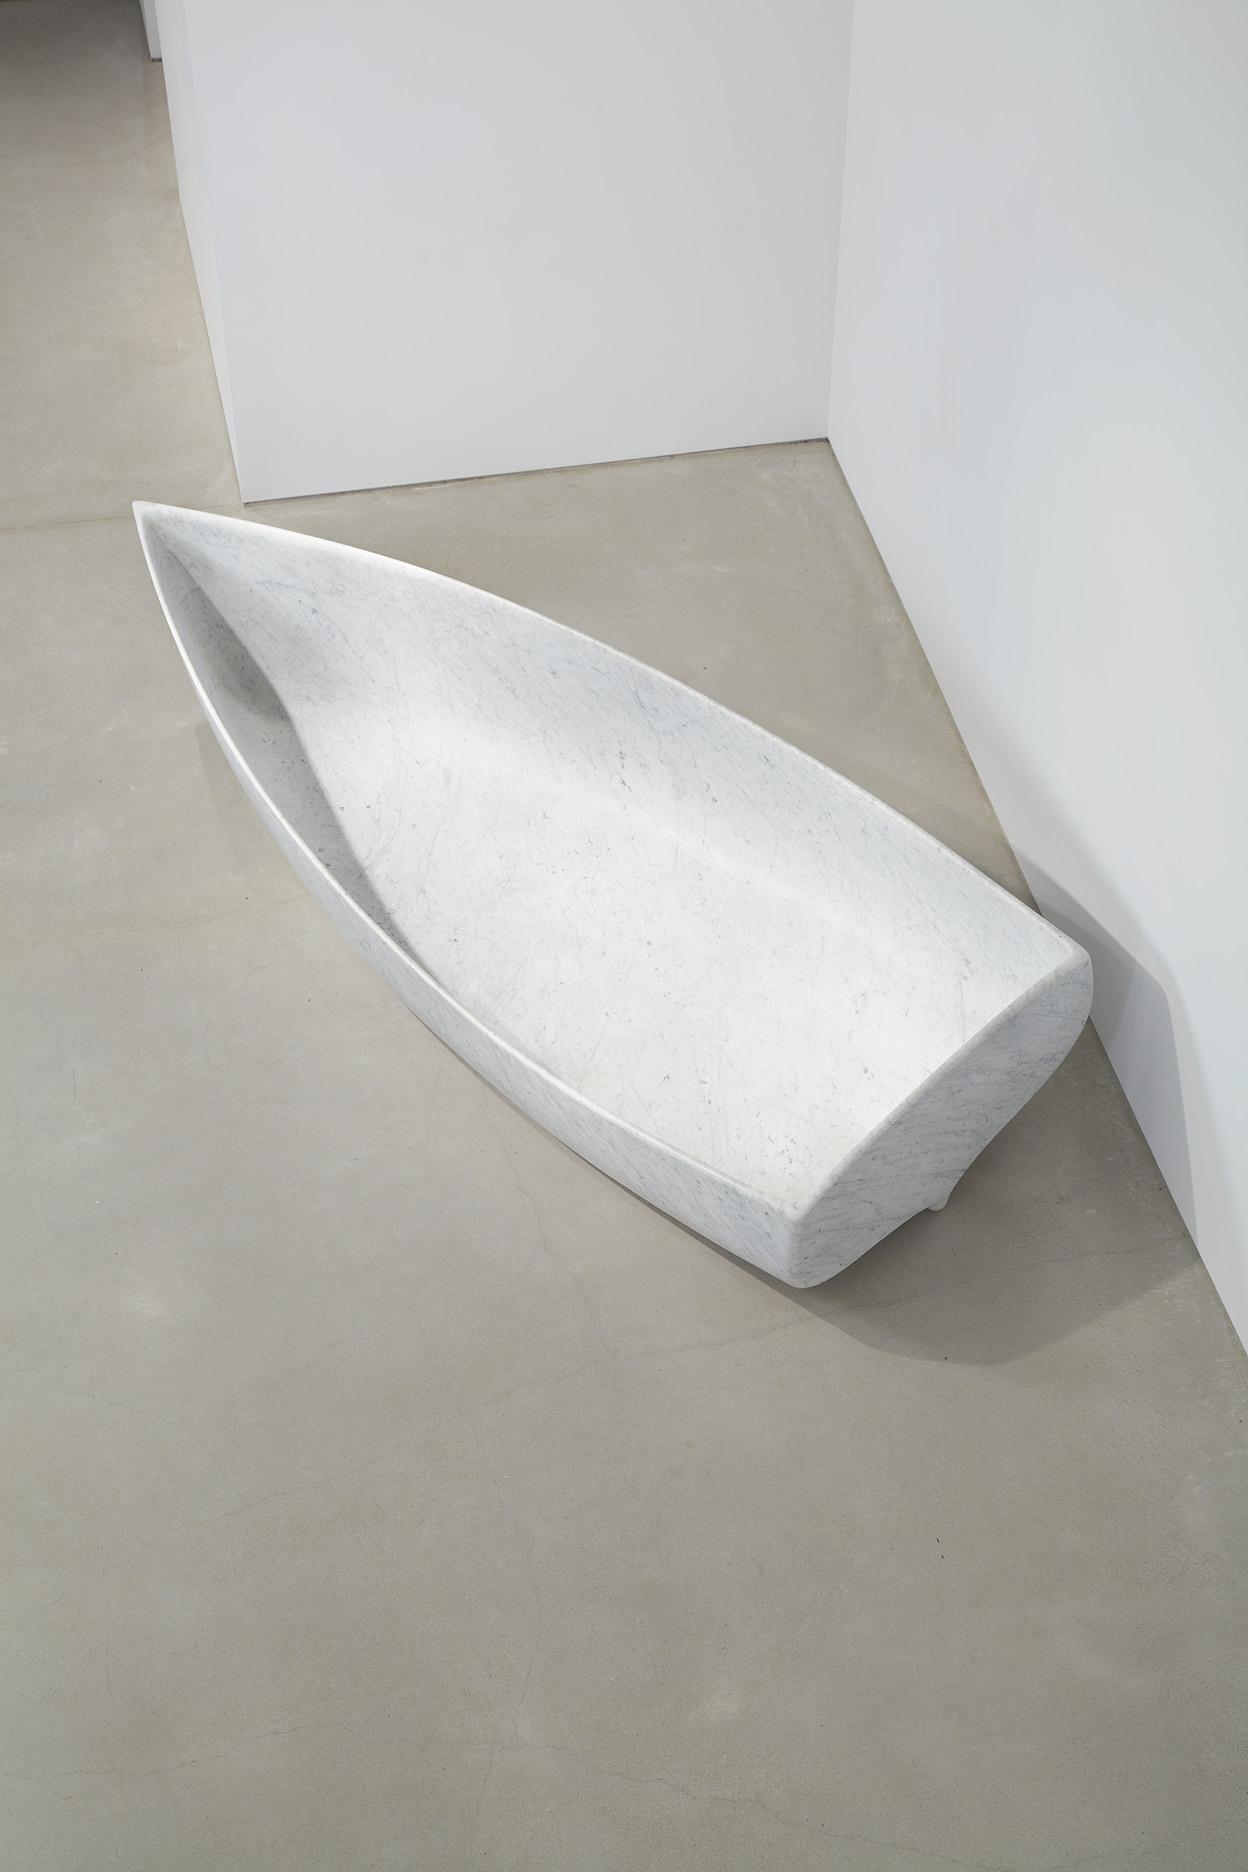 ahgalla fabio viale marmo marble sperone westwater sculpture boat